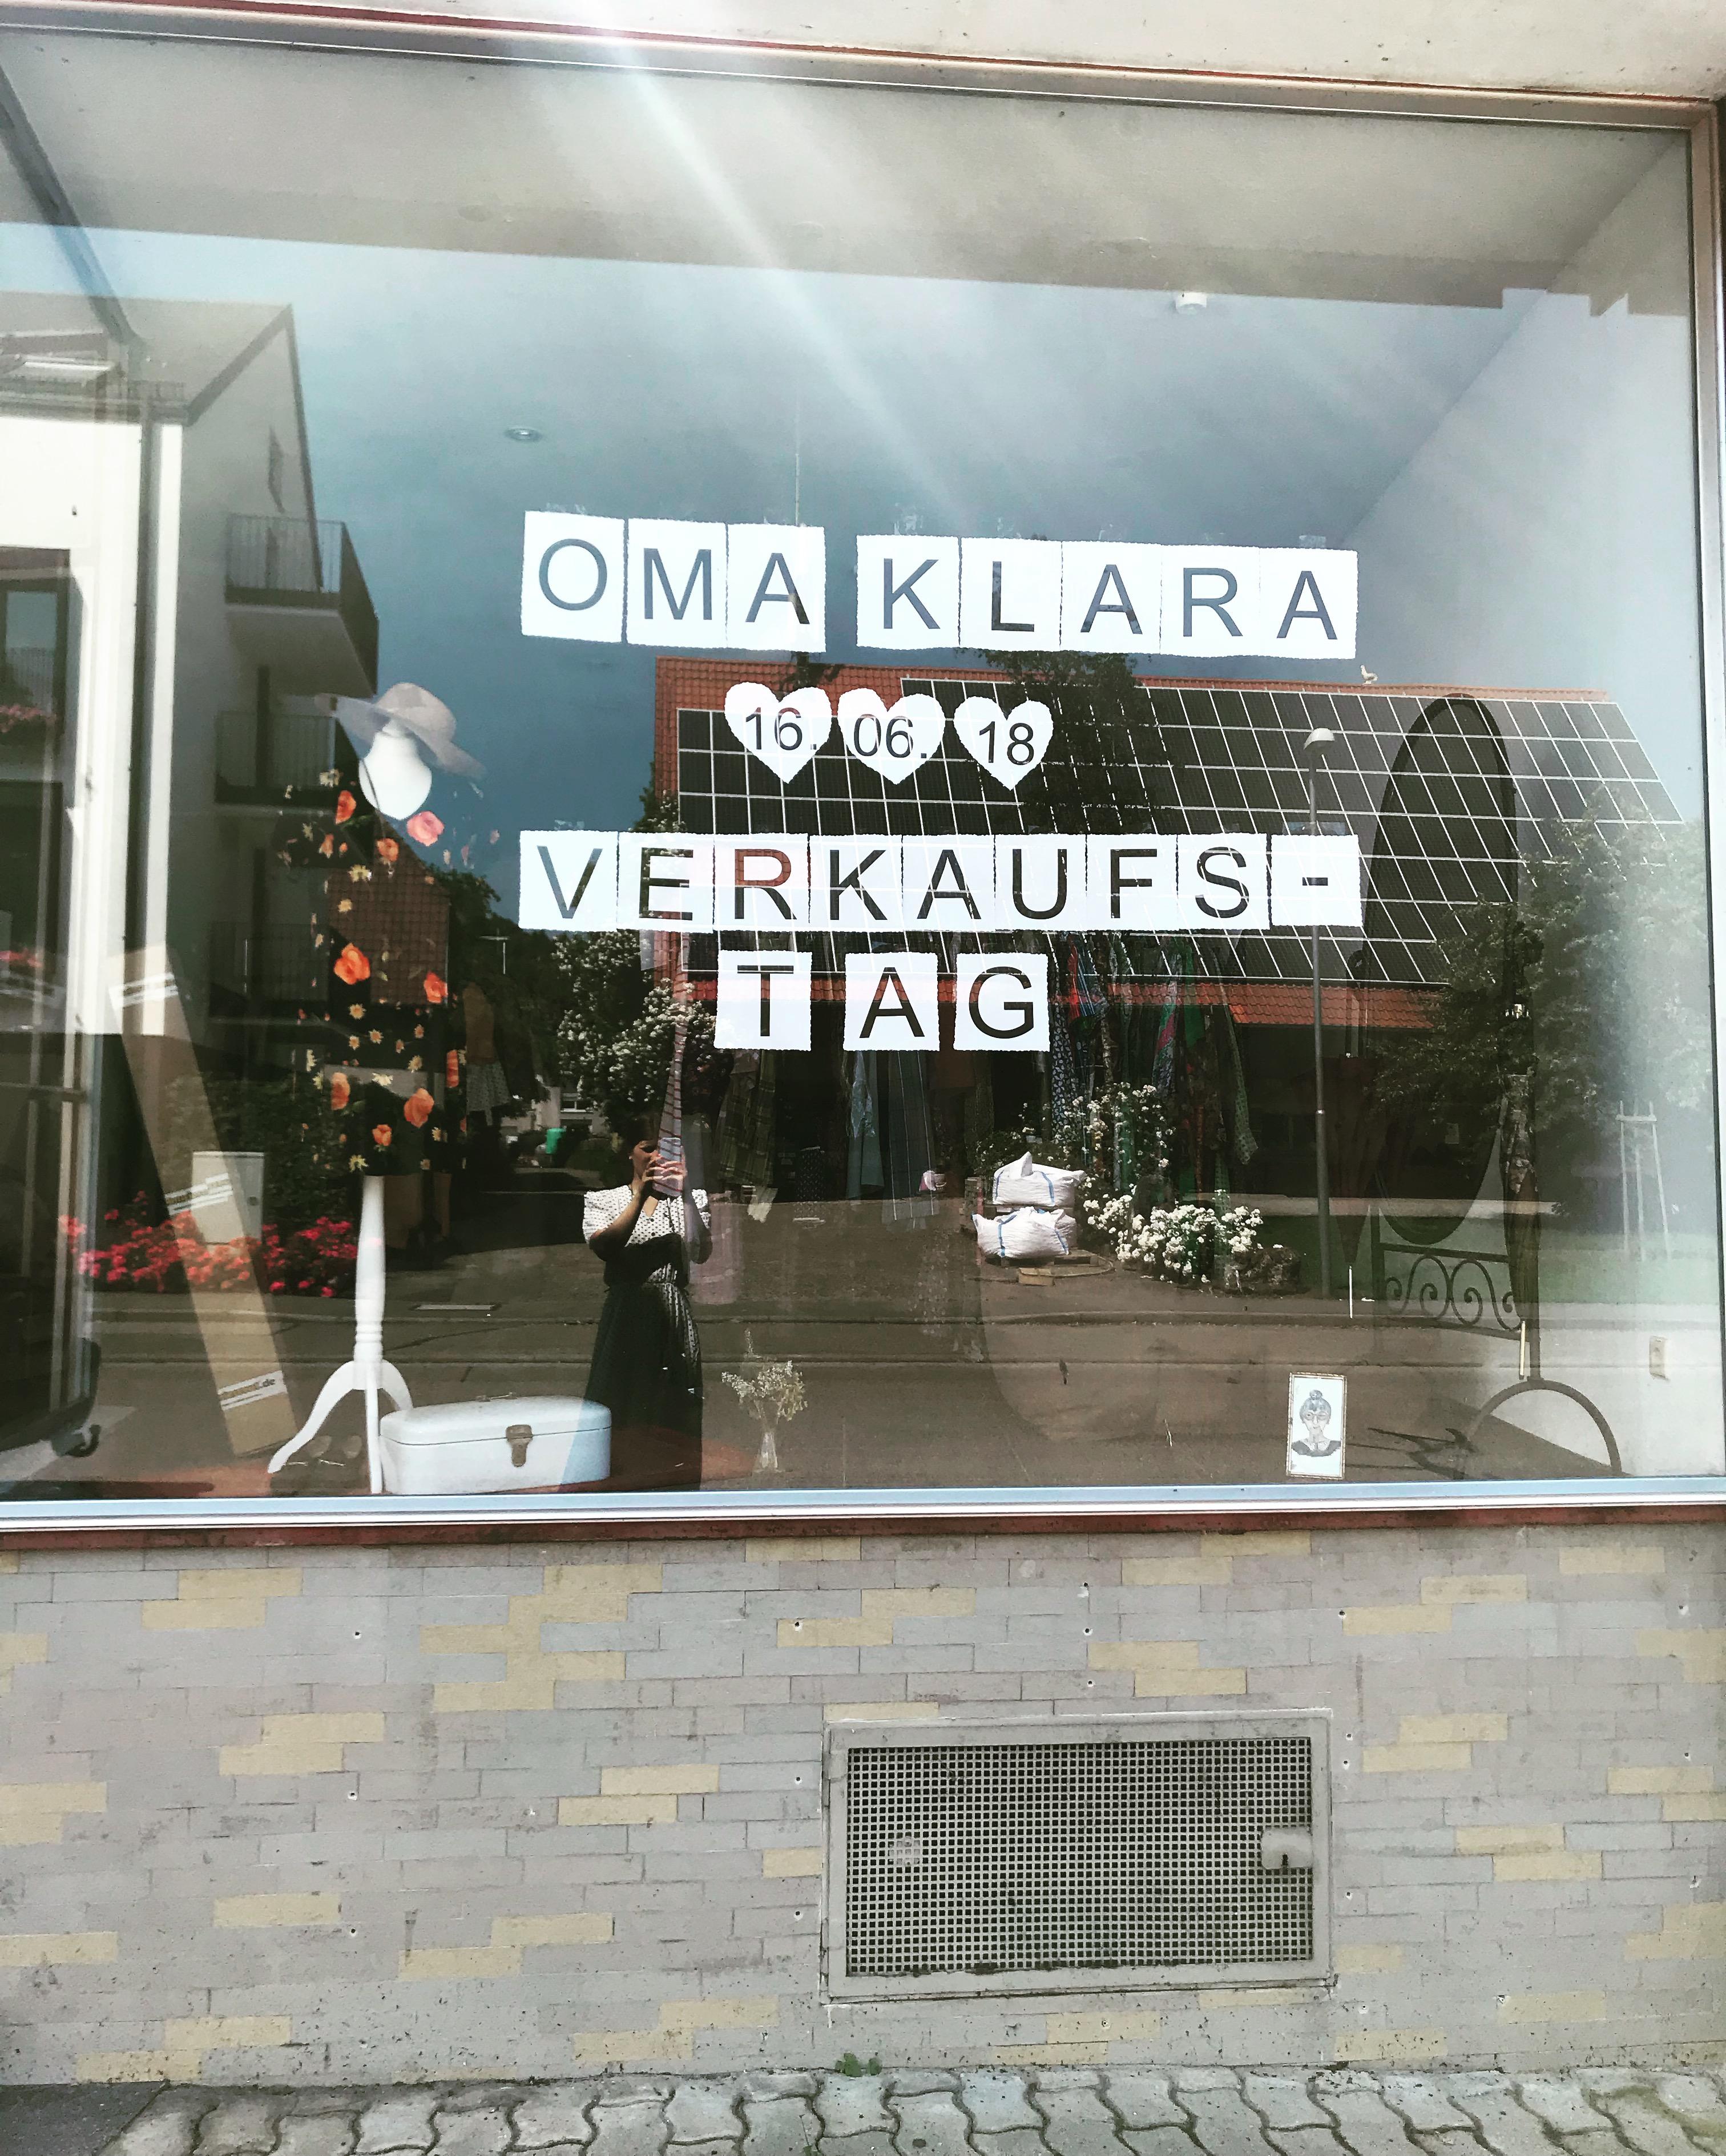 Oma Klara Schaufenster